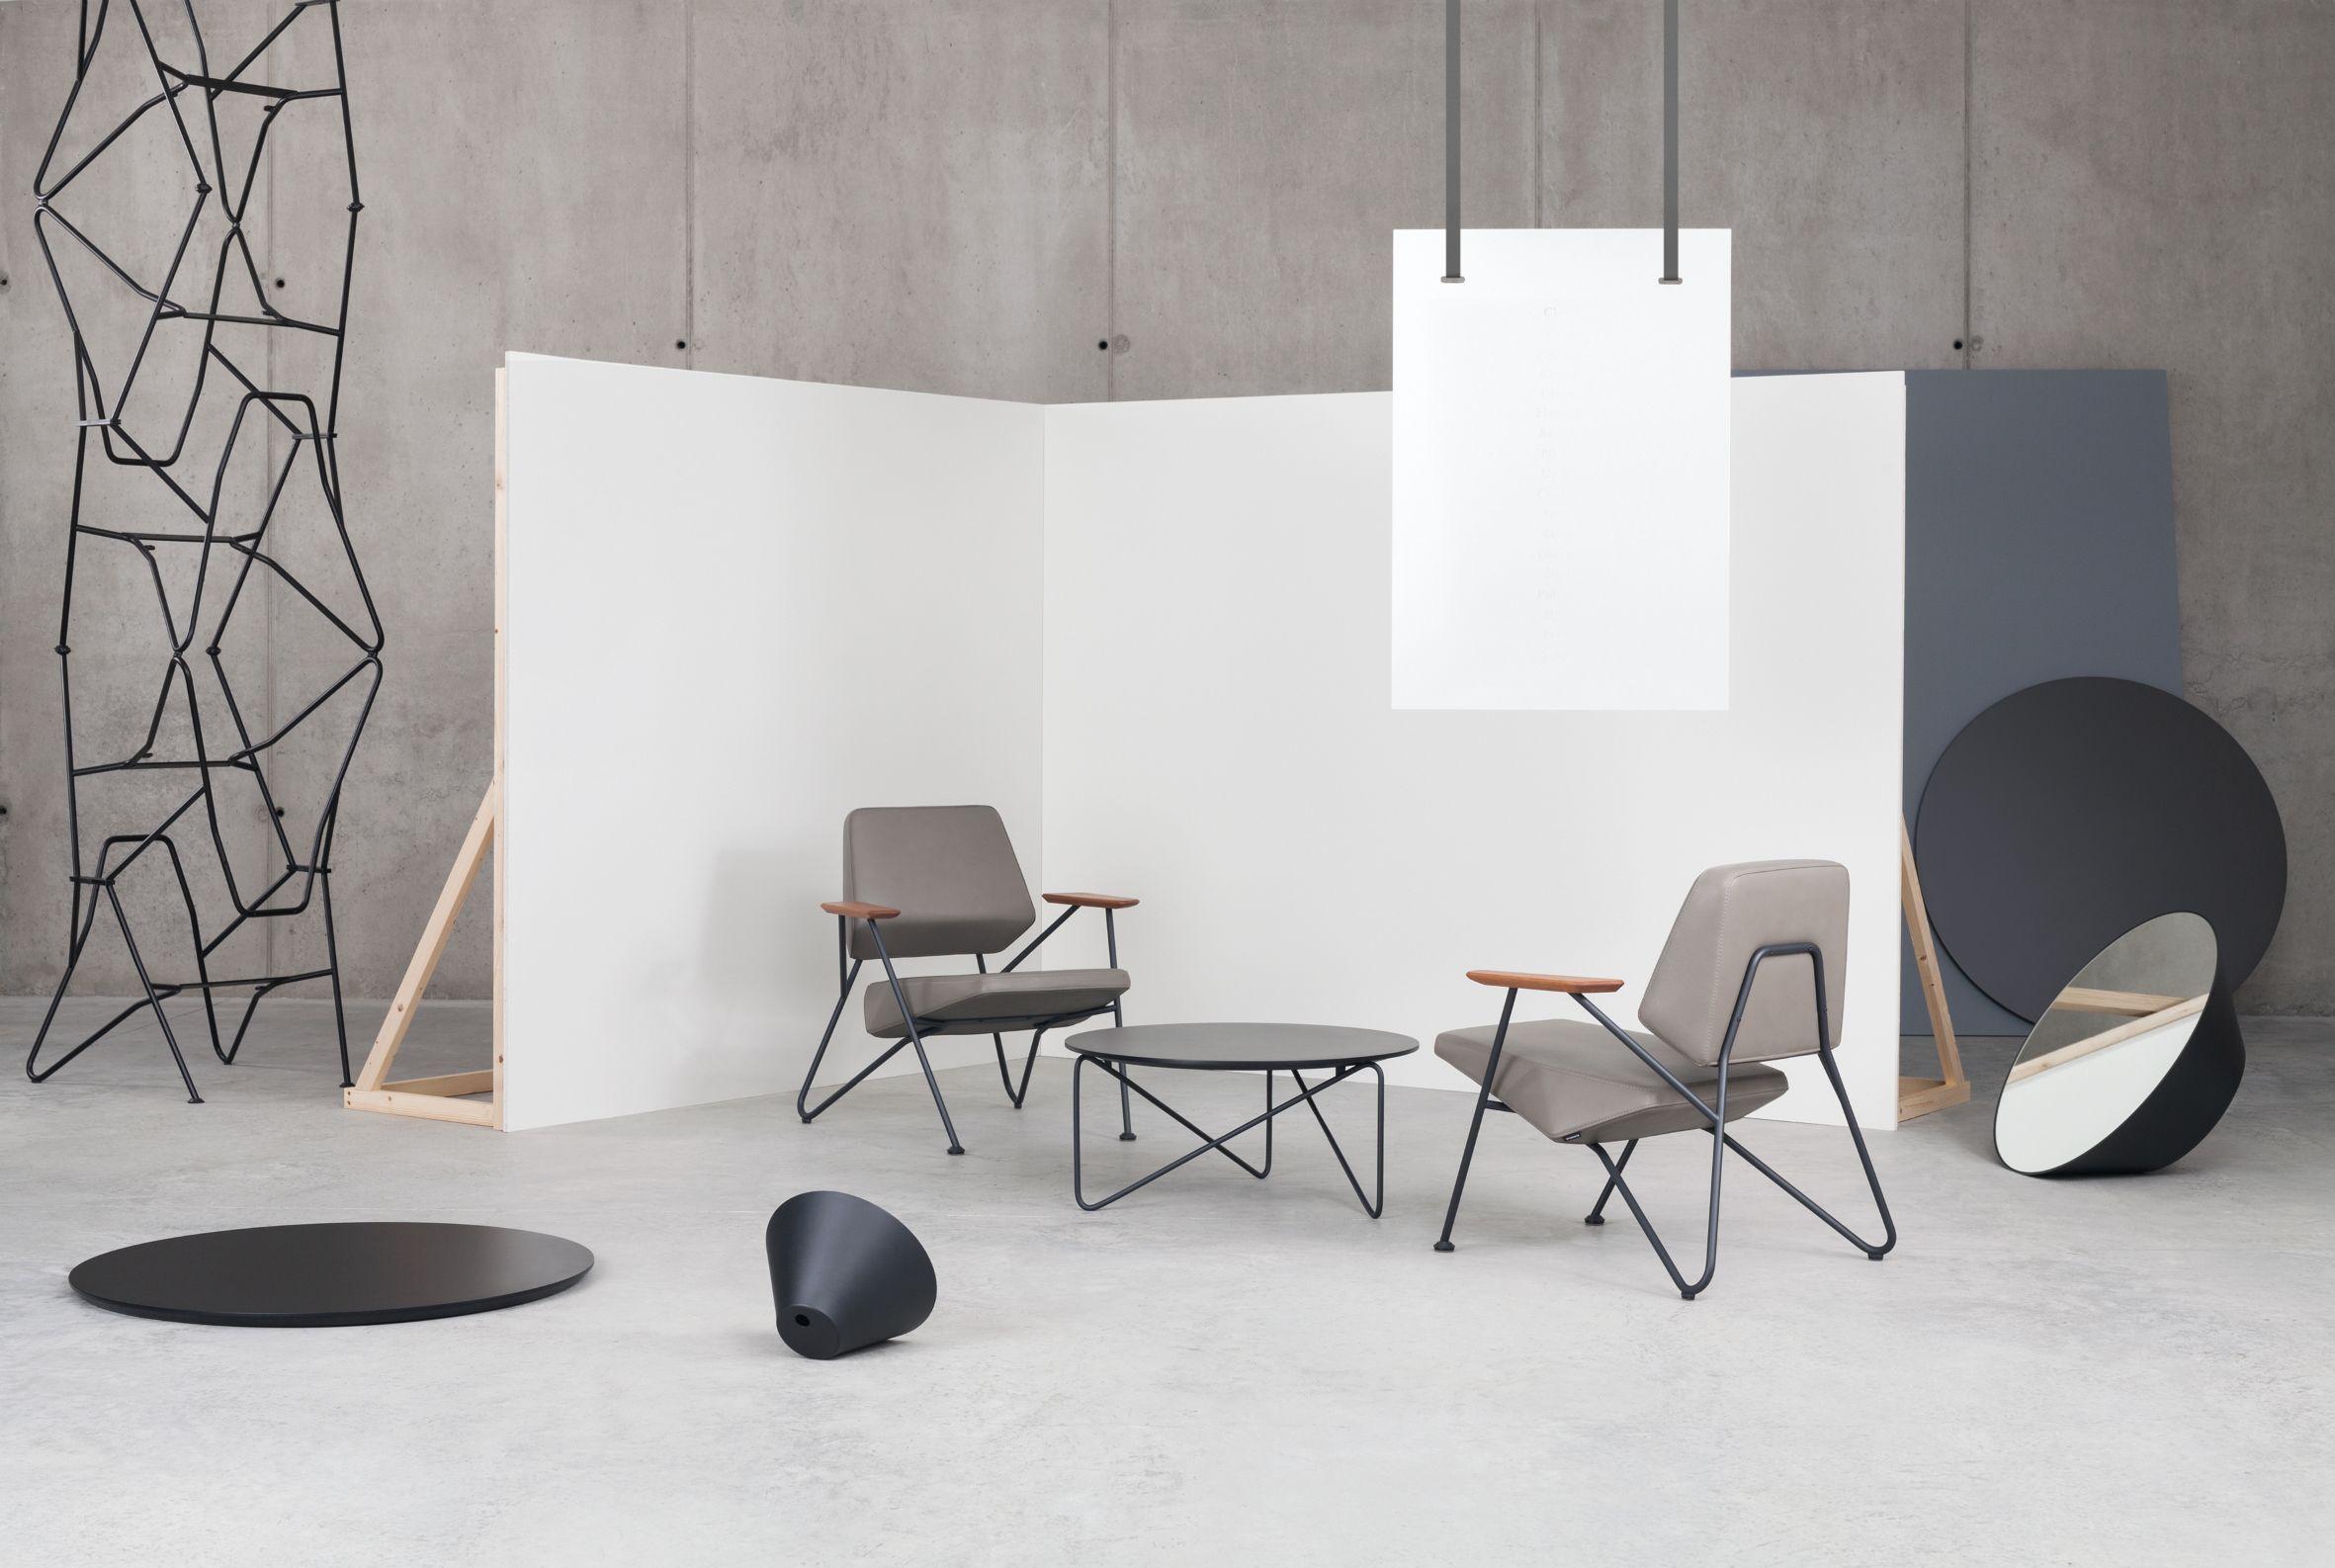 Prostoria Polygon Fauteuil : Fauteuil polygon de prostoria raphaele meubles